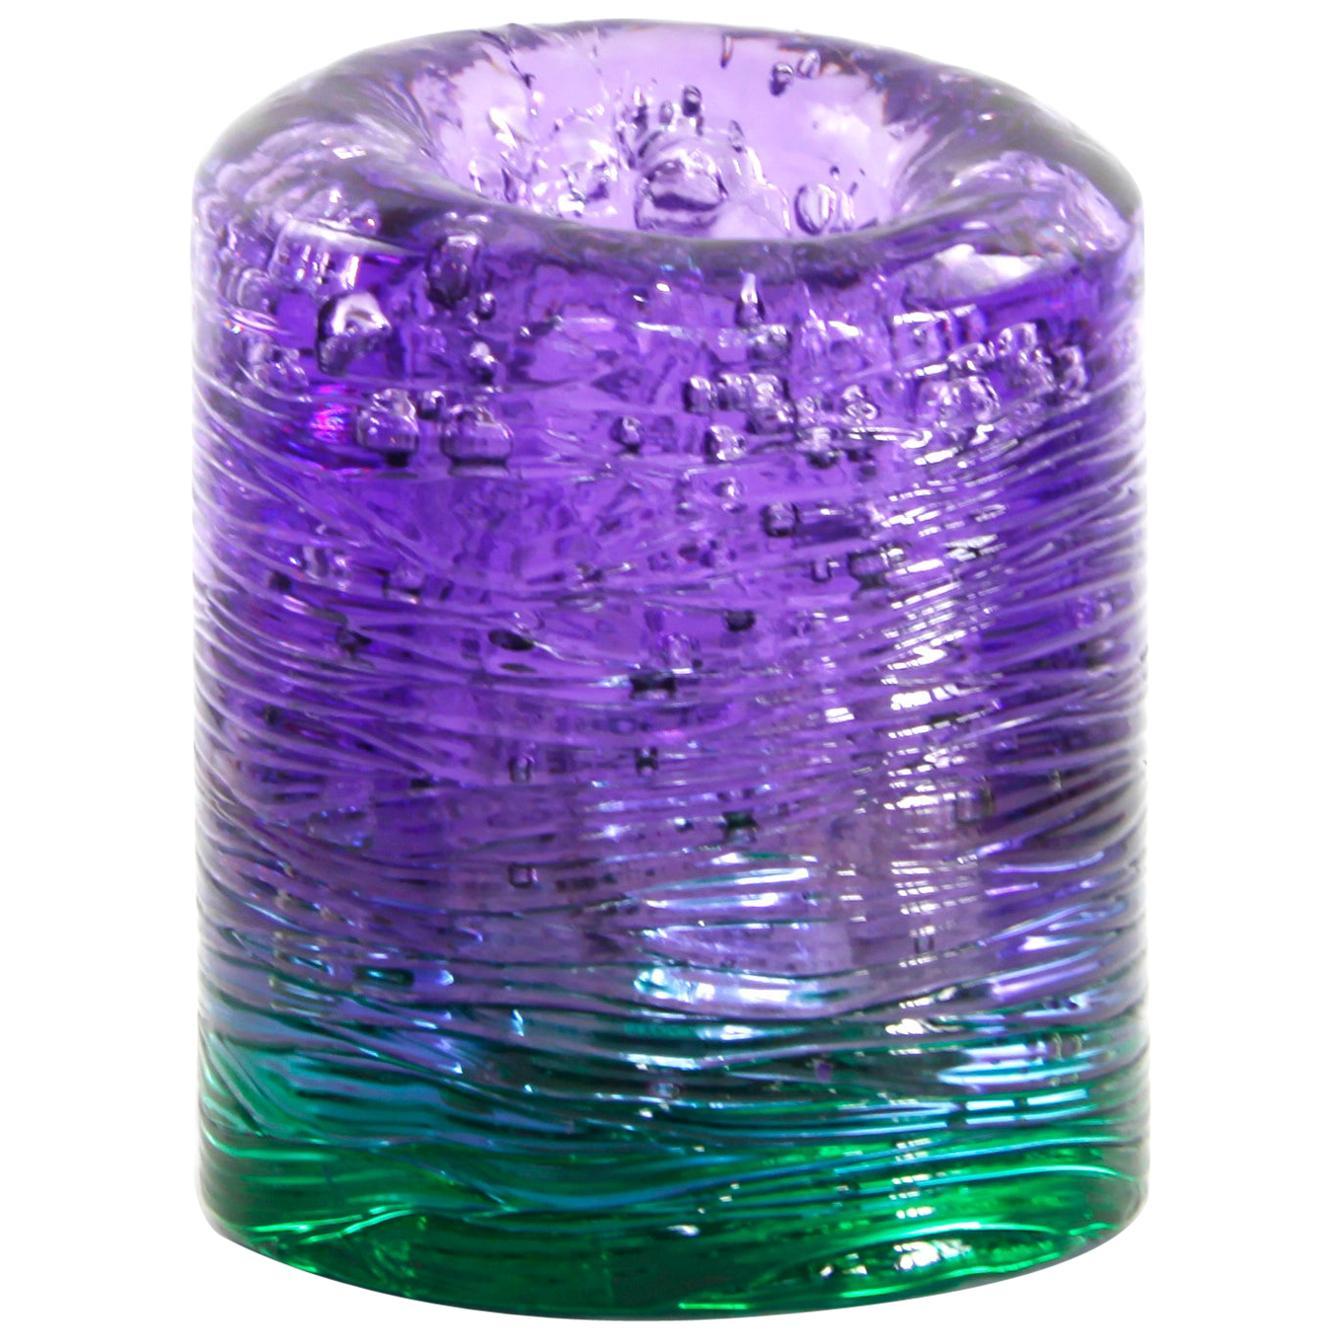 Jungle Contemporary Vase, Small Bicolor Violet and Green by Jacopo Foggini